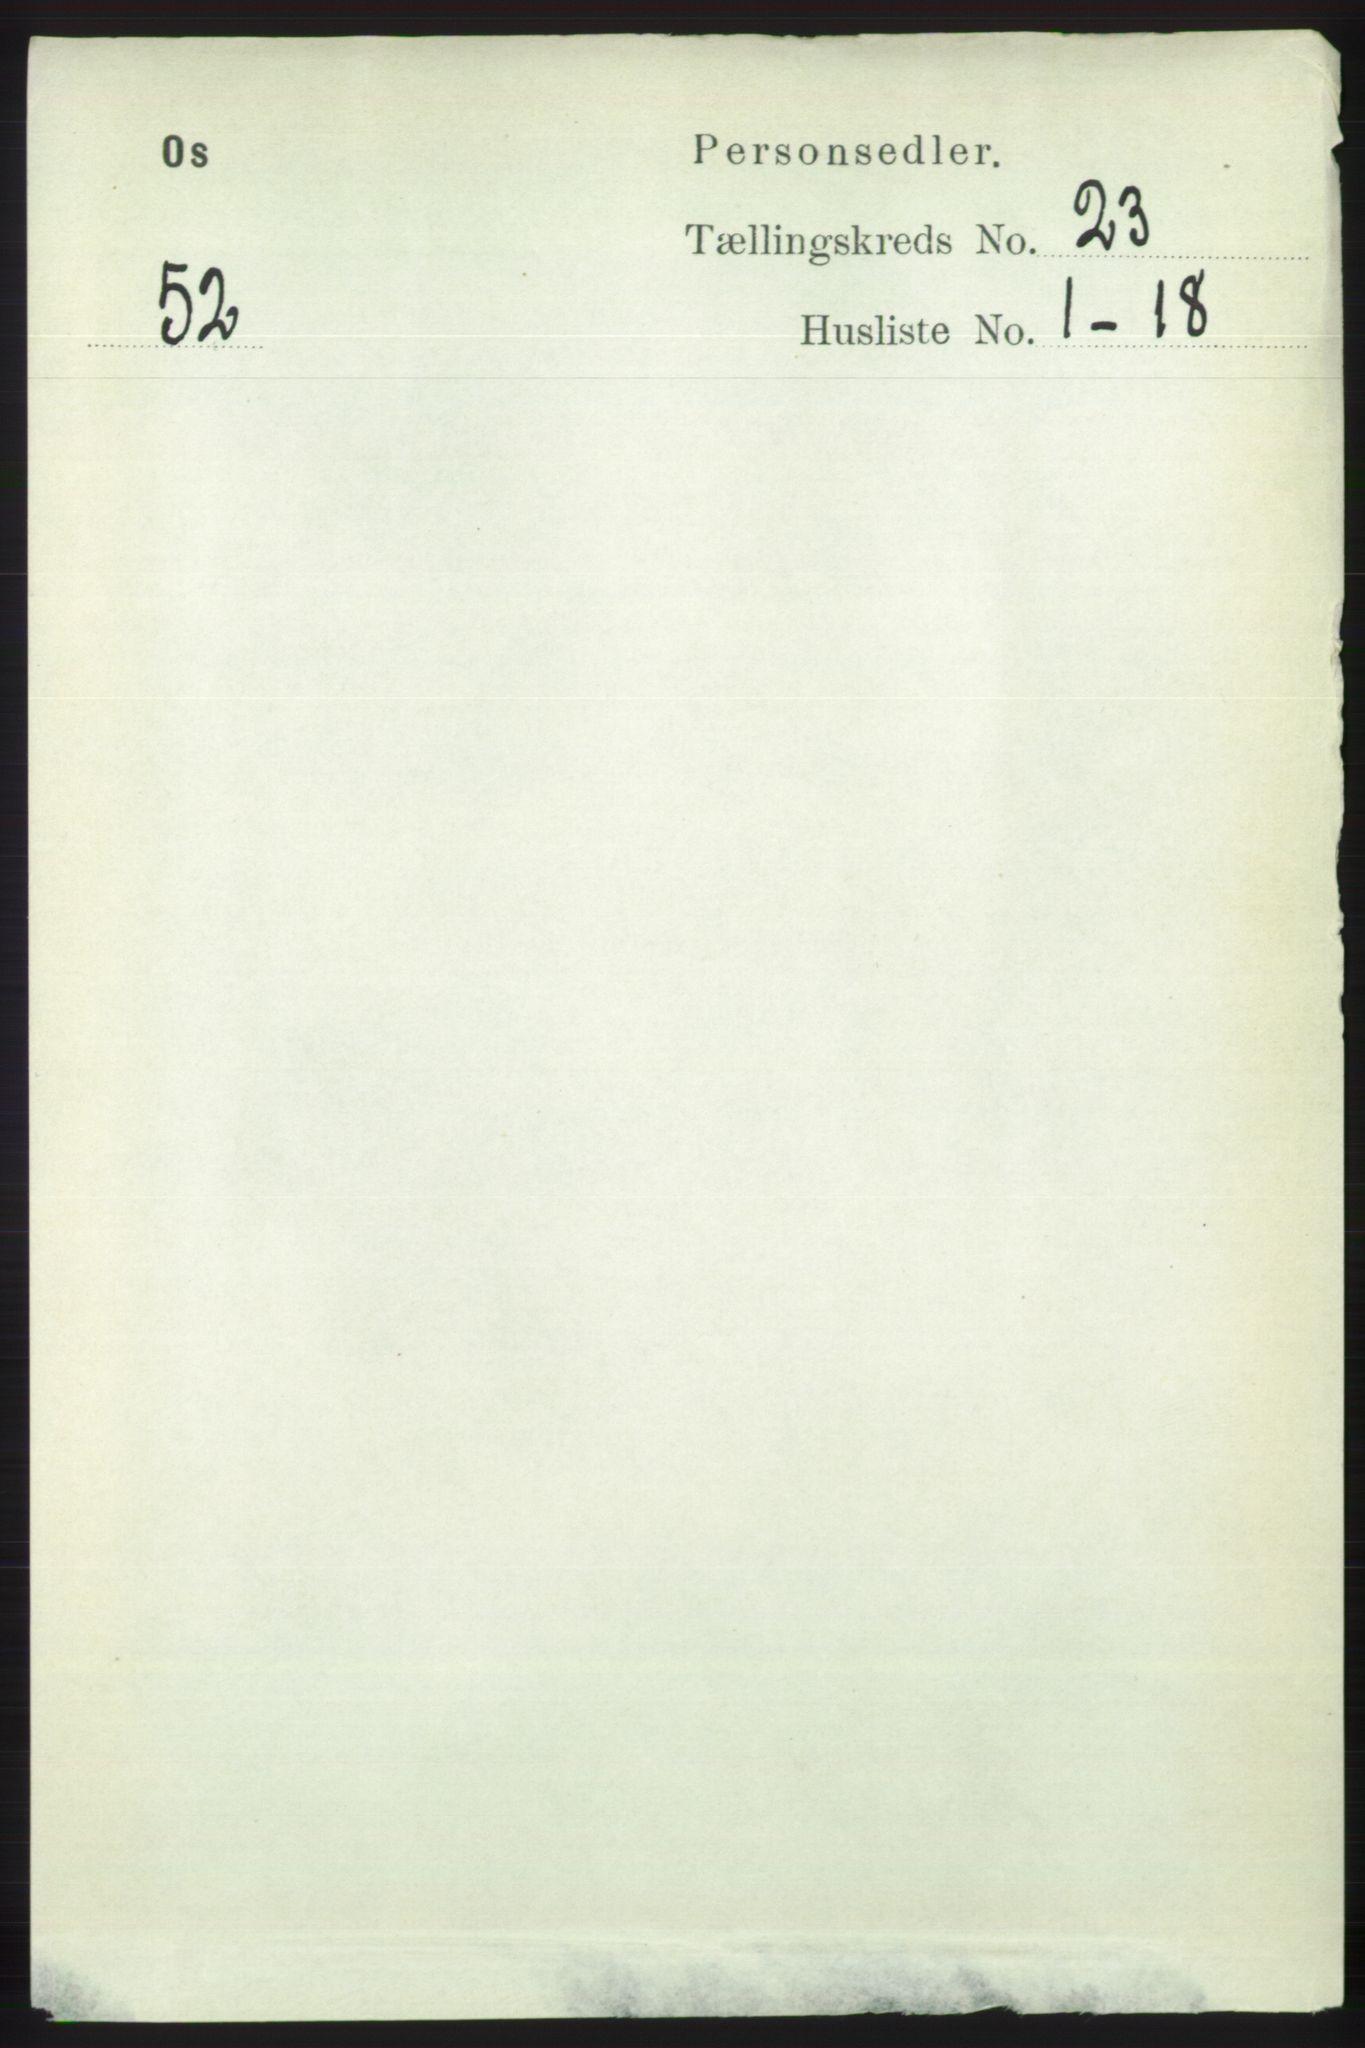 RA, Folketelling 1891 for 1243 Os herred, 1891, s. 5065